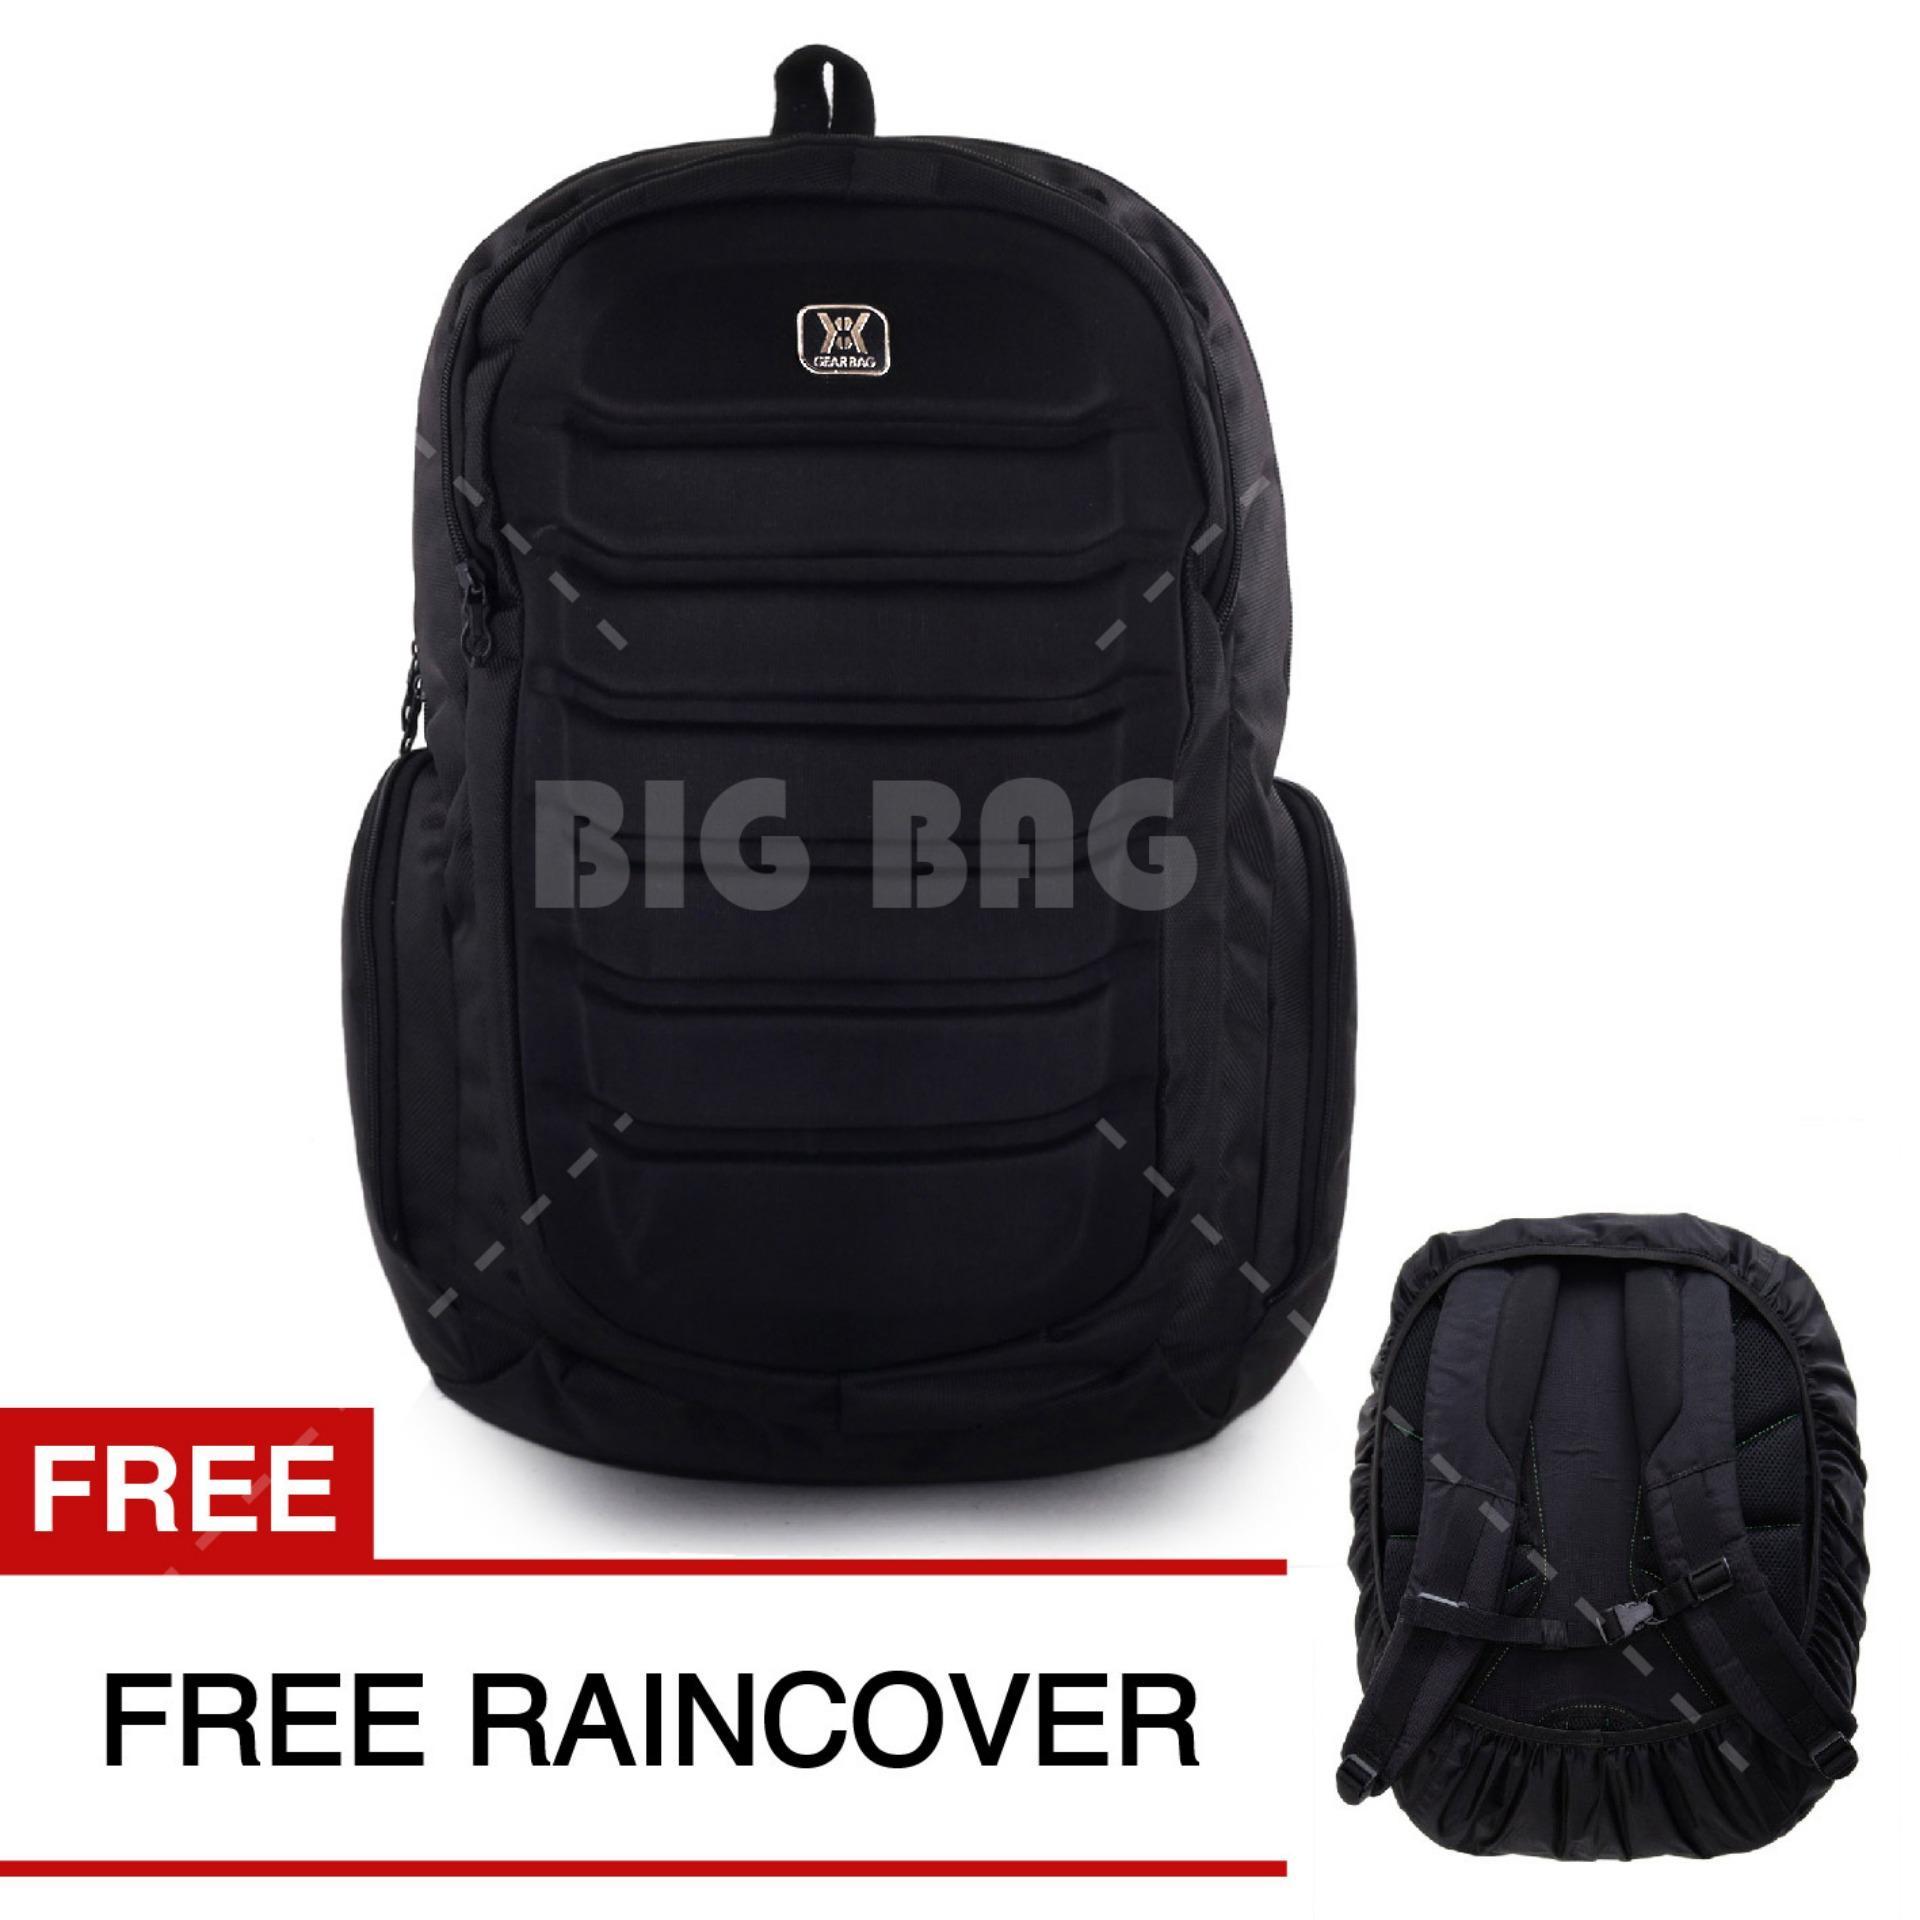 Review Tas Ransel Gear Bag Predator Tas Laptop Backpack Black Free Raincover Tas Pria Tas Kerja Tas Sekolah Dailypack Tas Fashion Pria Terbaru